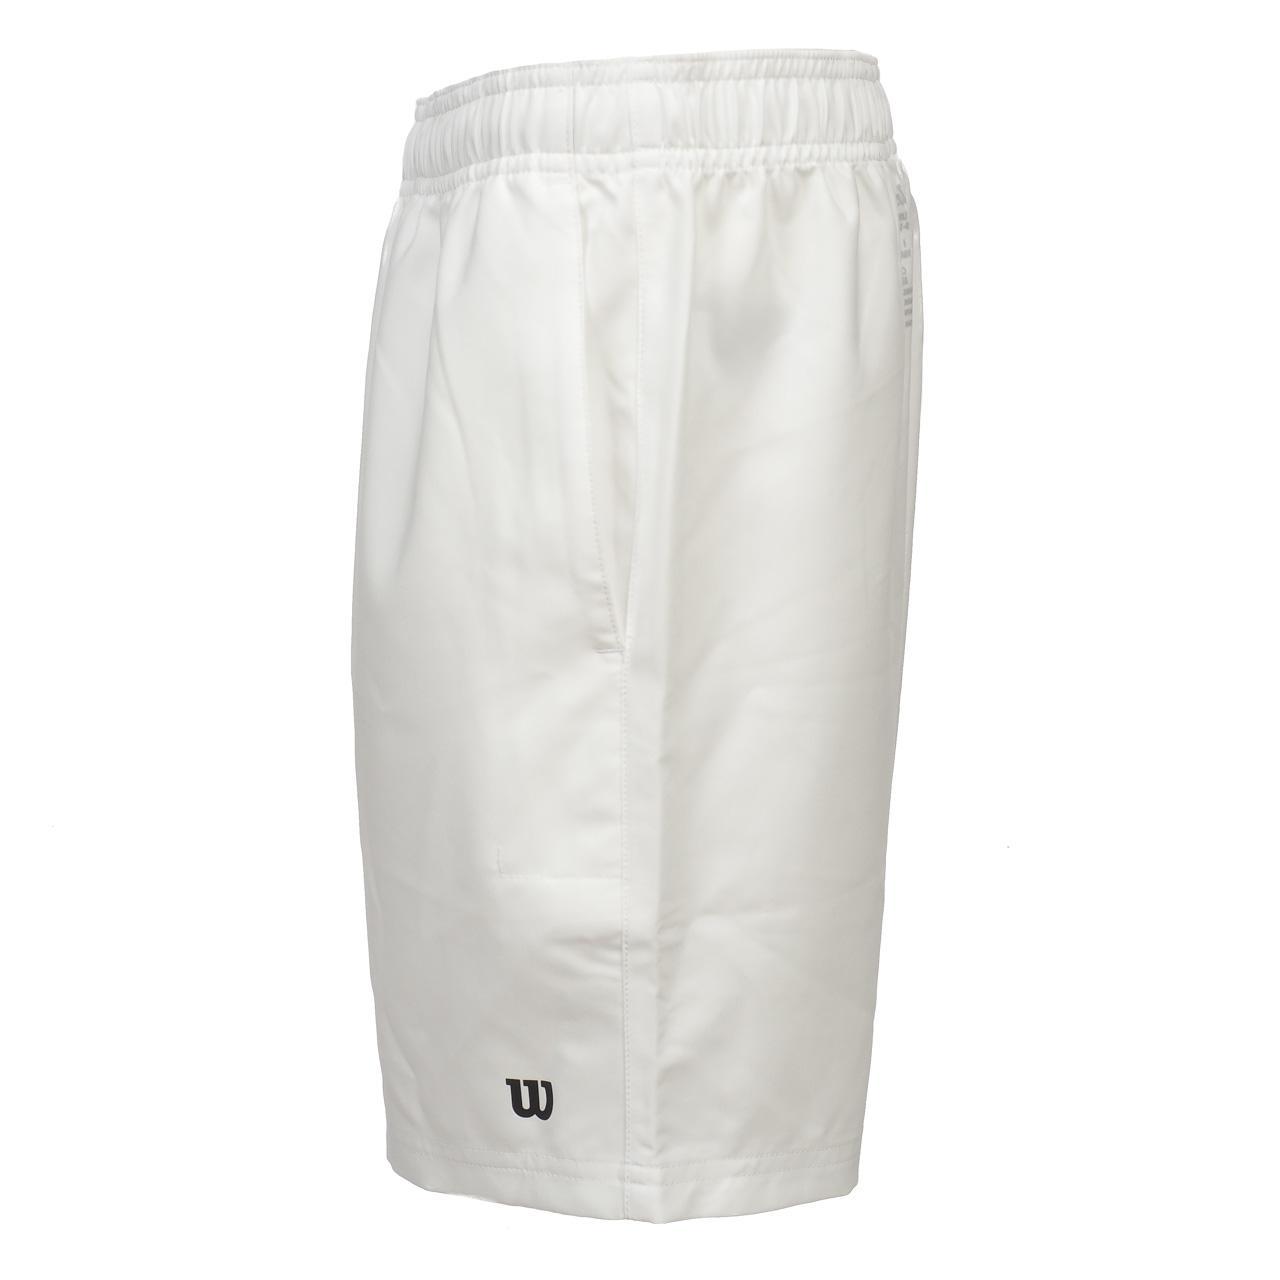 Short-de-tennis-Wilson-Team-7-blc-short-junior-Blanc-15570-Neuf miniature 2